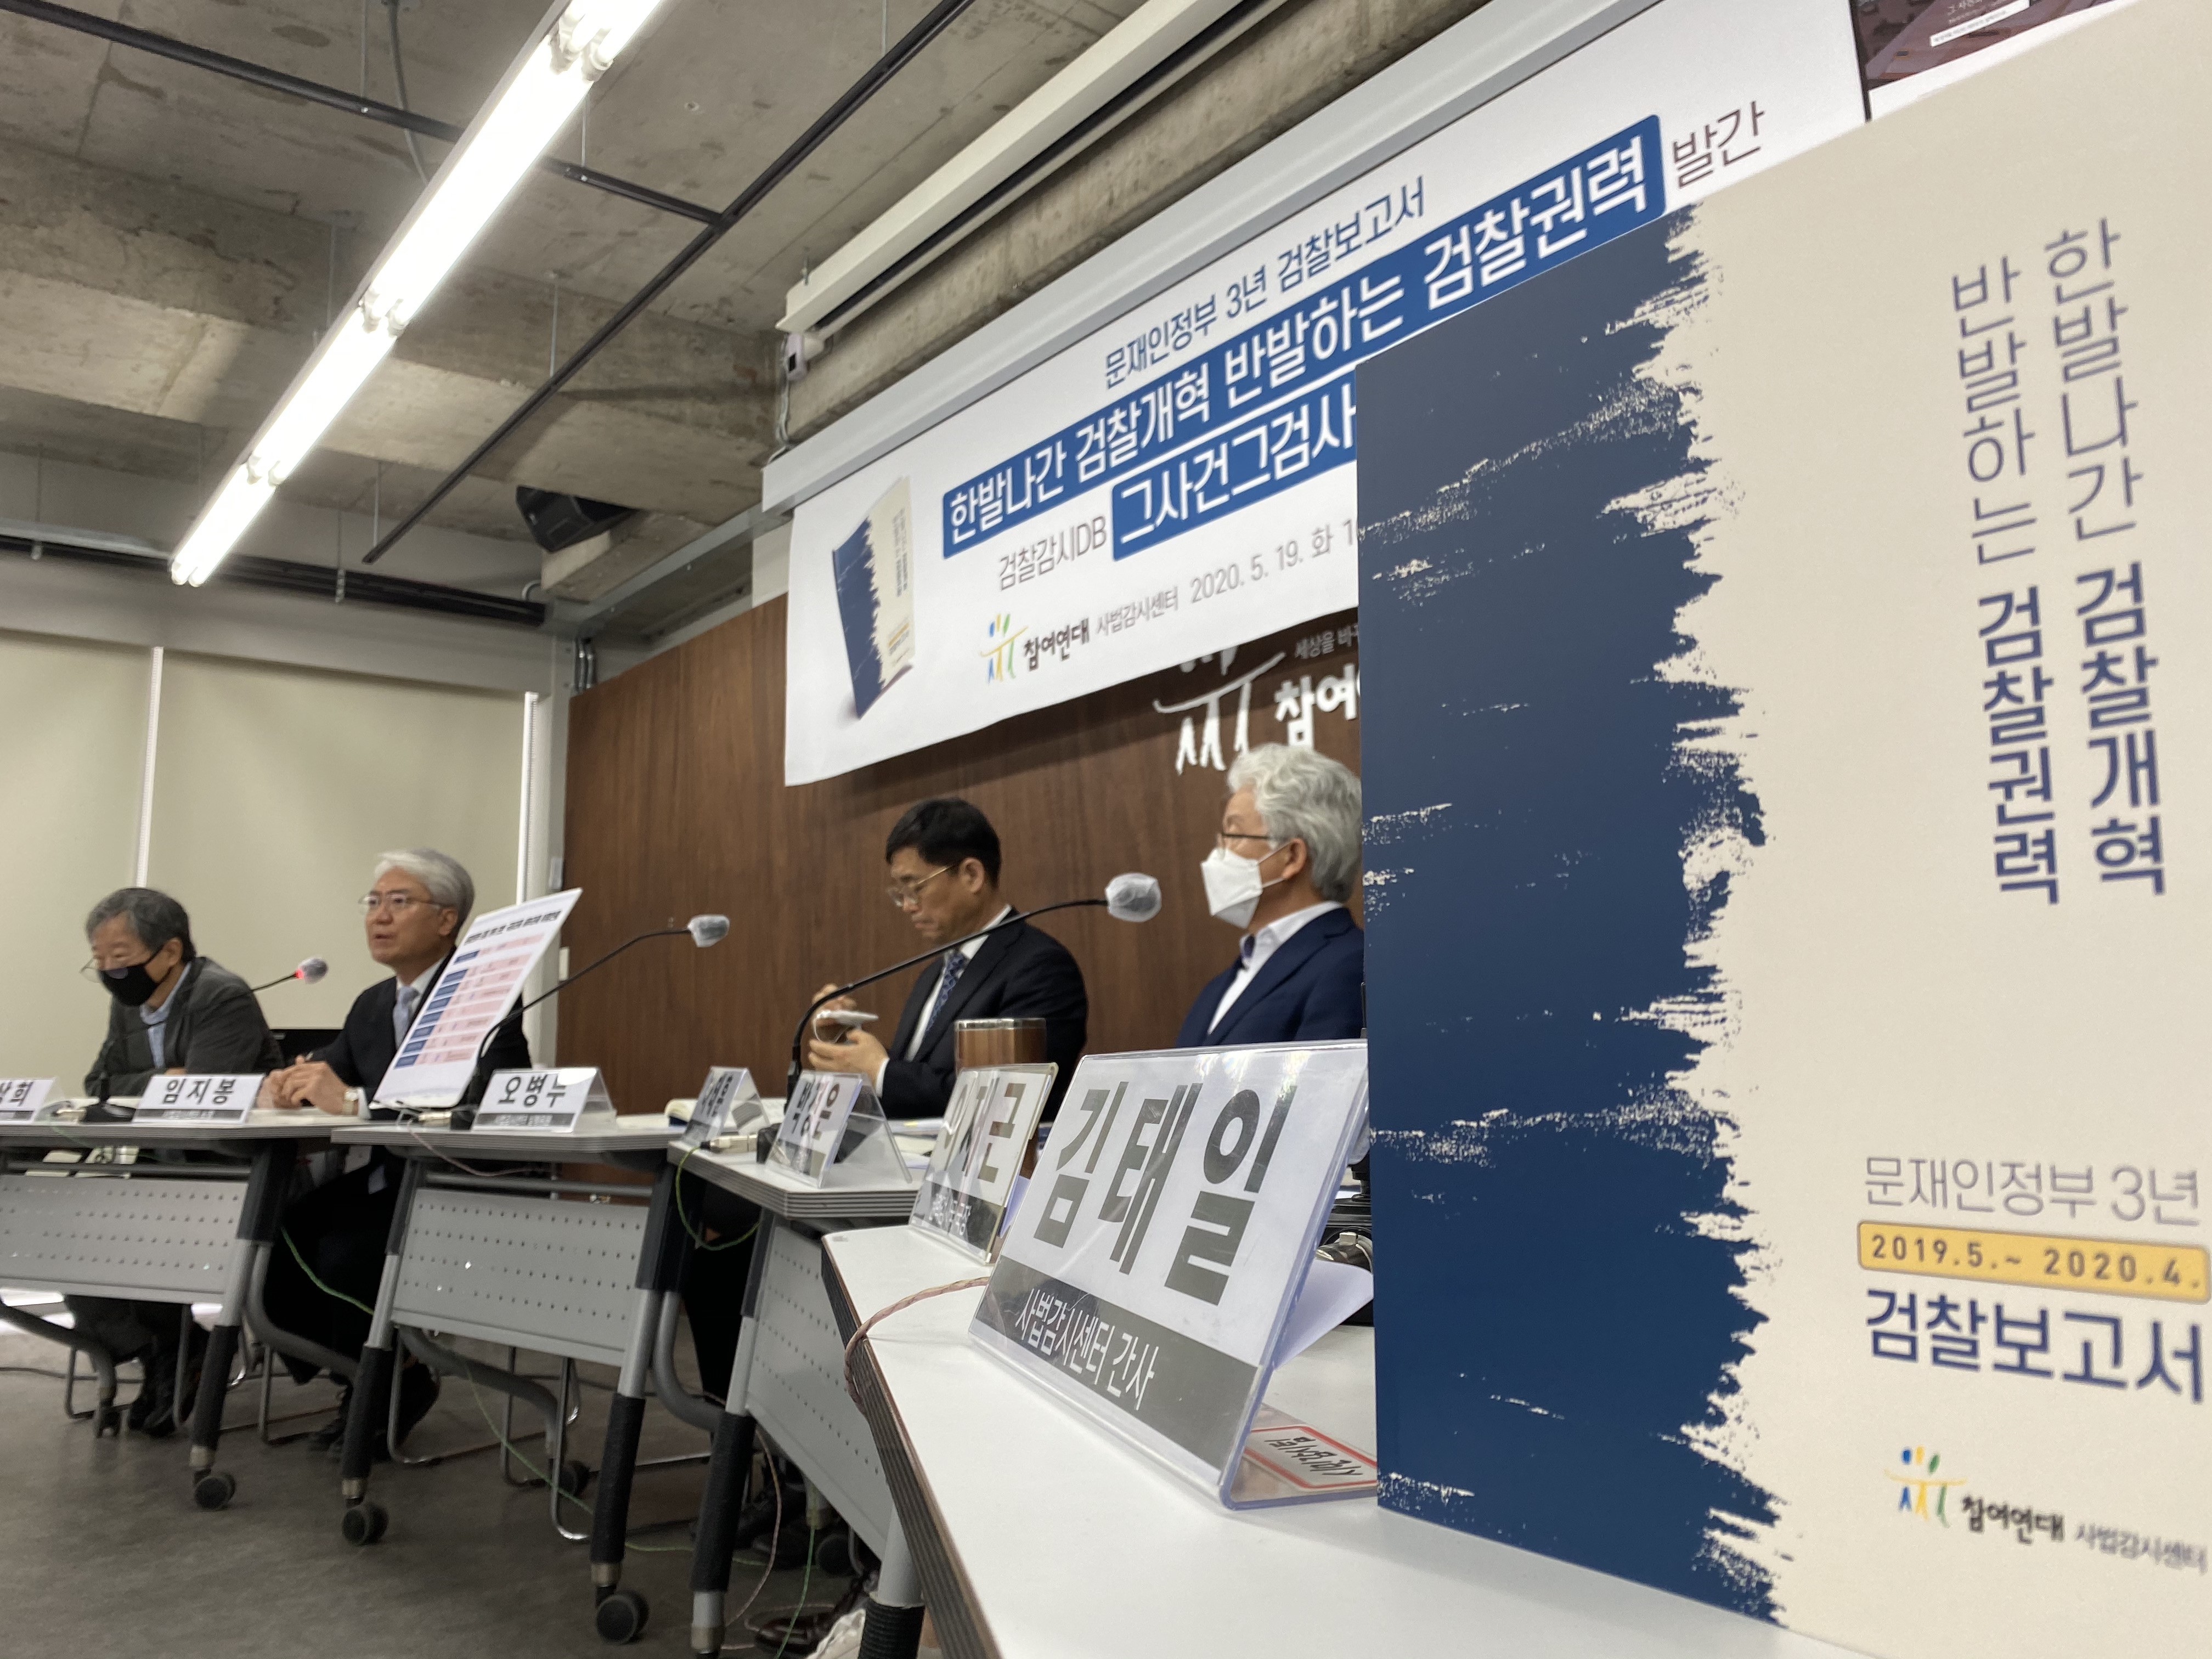 20200519_기자브리핑_문재인정부3년 검찰보고서 발간 및 그사건그검사DB 오픈